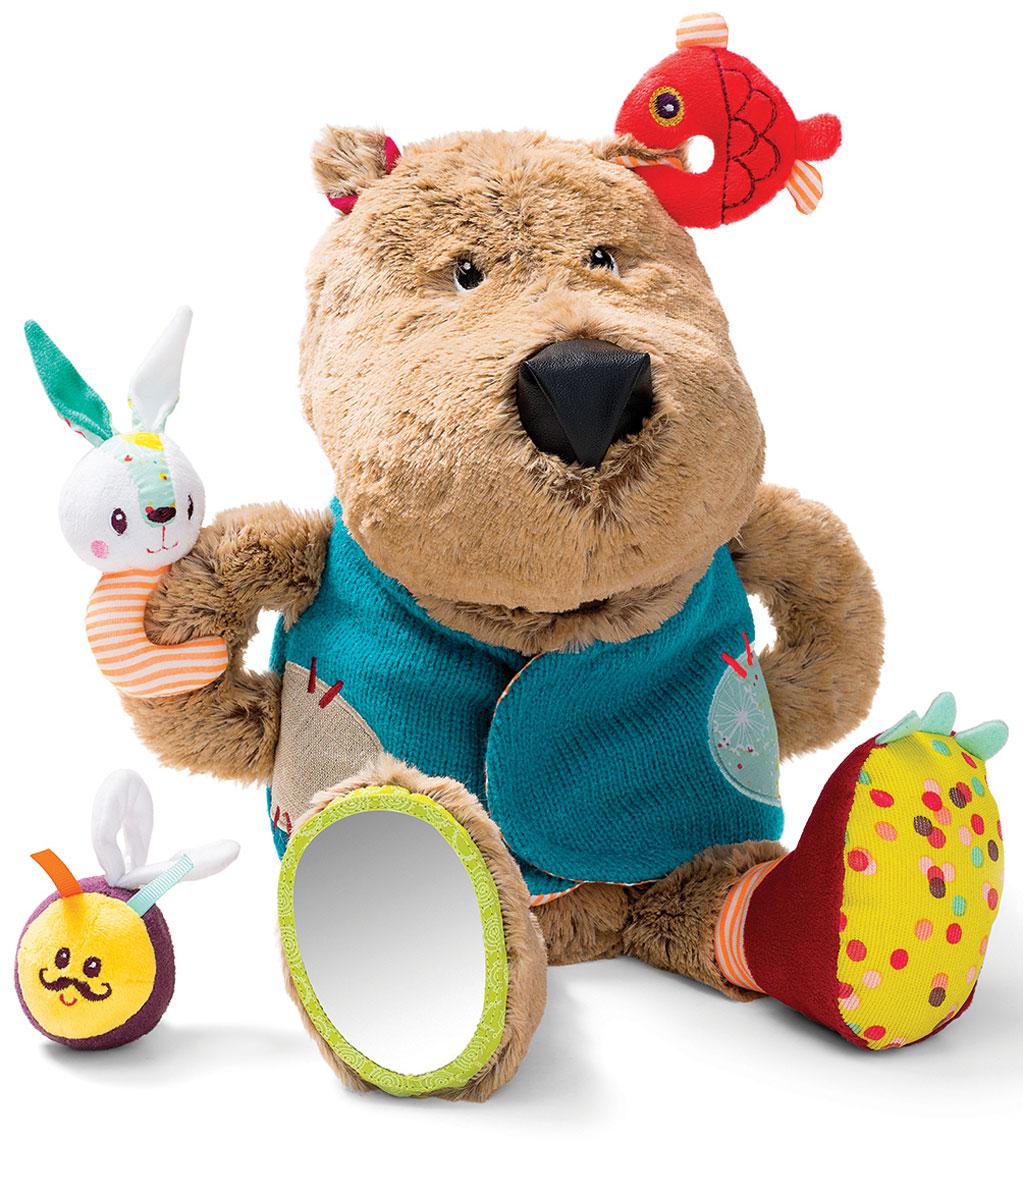 Lilliputiens Развивающая игрушка Медвежонок Цезарь lilliputiens интерактивная развивающая книжка игрушка курочка офелия